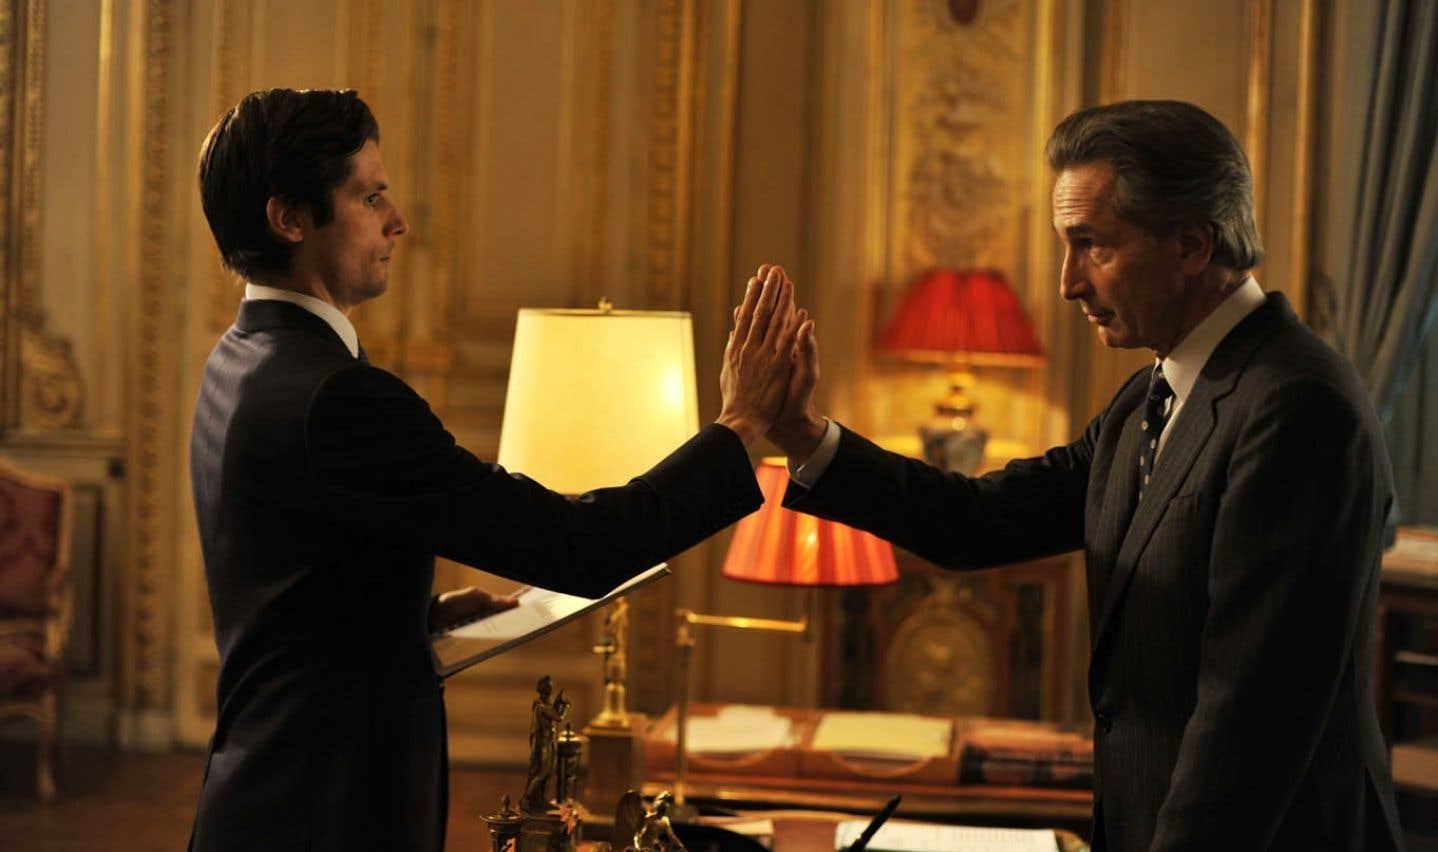 Raphaël Personnaz et Thierry Lhermitte dans Quai d'Orsay.